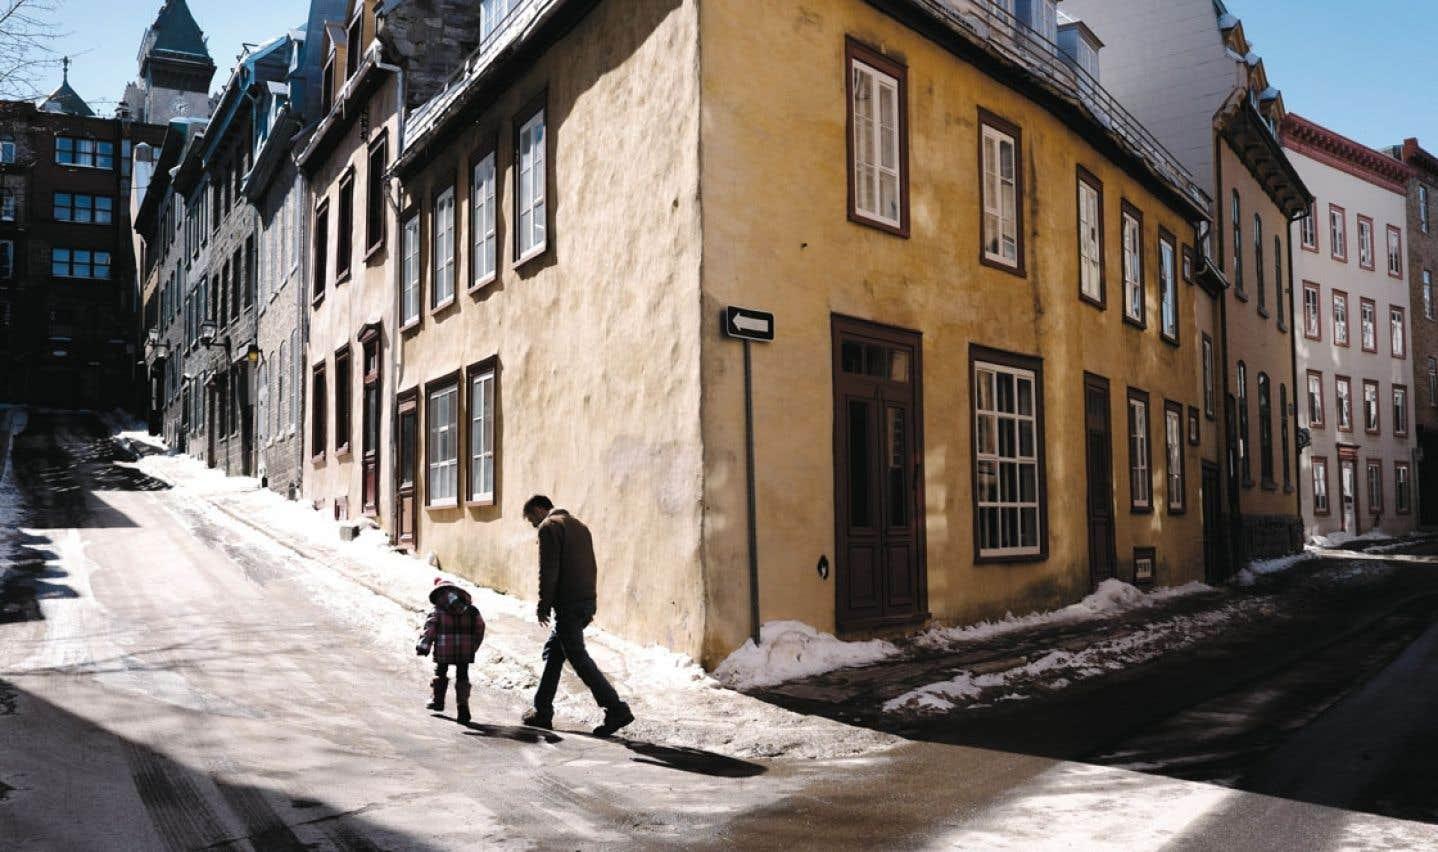 Le secteur Vieux-Québec–Cap-Blanc–Colline-Parlementaire, selon le conseil de quartier, se divise en trois sous-secteurs : la Haute-Ville, délimitée par les fortifications, la Basse-Ville, en sandwich entre la falaise et le fleuve, et le Cap-Blanc, prolongation de la Basse-Ville jusqu'à la côte Gilmour.